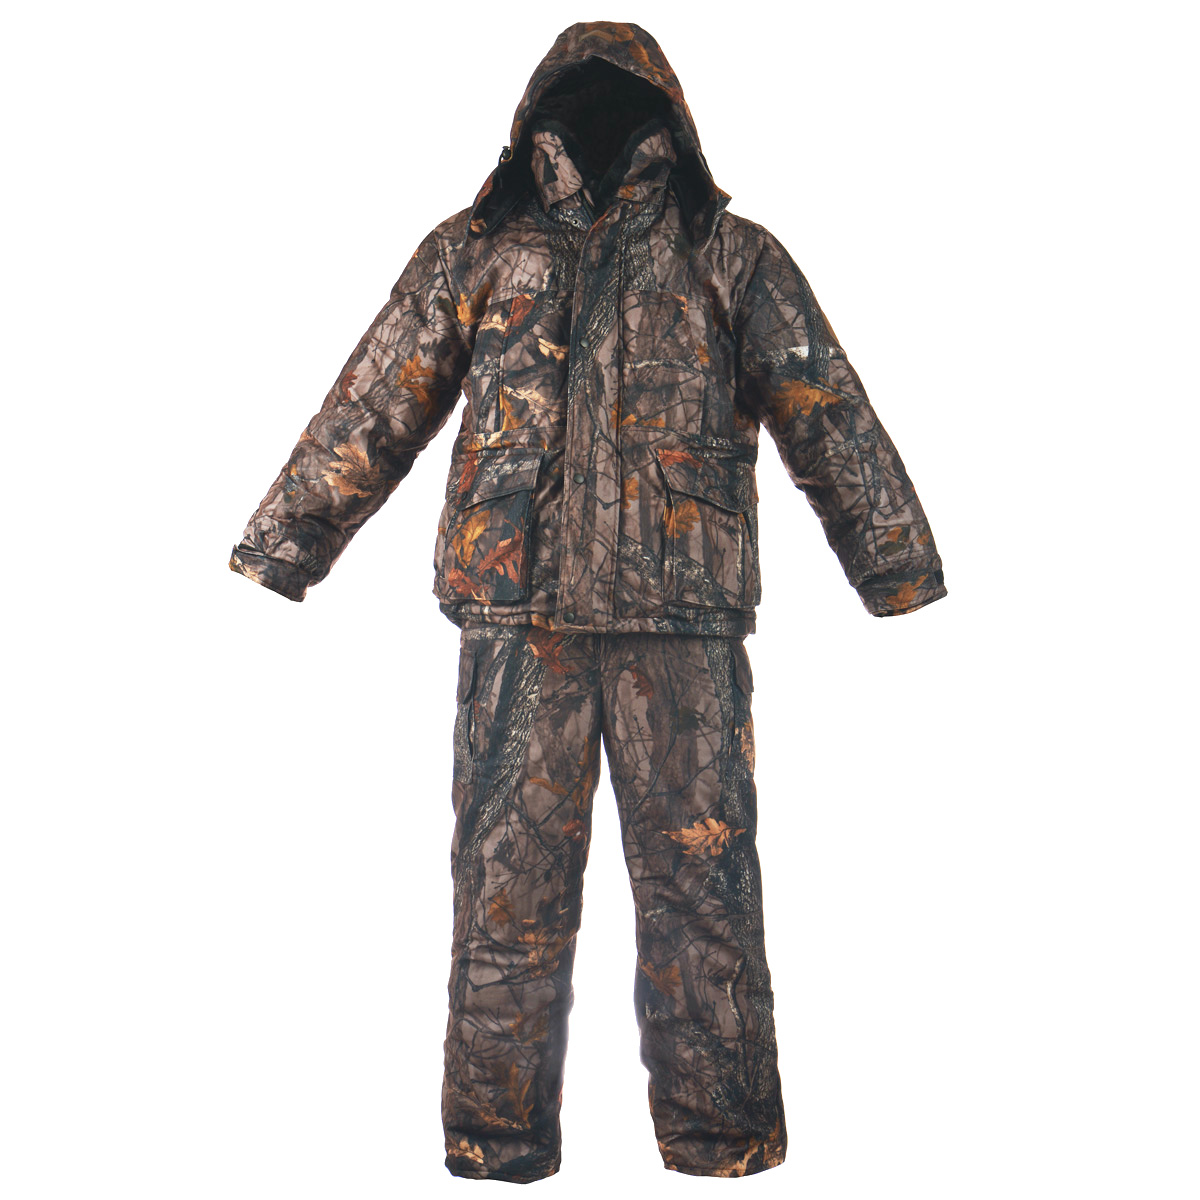 Комплект мужской Huntsman Буран-М: куртка, полукомбинезон, цвет: лес. Размер 52/54Буран-М_смесоваяТеплый зимний мужской комплект Huntsman Буран-М, состоящий из куртки и полукомбинезона, предназначен длярыбалки, охоты и активного отдыха на природе. Верхний материал не продувается ветром, не промокает подсильным дождем, не теряет своих свойств при низких температурах (до -30°С) и не шуршит. Верхний материал:смесовая ткань (65% полиэстер, 35% хлопок), Oxford, Alova. Подкладка - Taffeta 190T, Polar Fleece, искусственный мутон. Ткань Alova смембранным покрытием препятствует проникновению ветра, отталкивает жидкость от поверхности, замедляетпотери тепла, пропускает испарения тела.В качестве утеплителя используется Radotex (Радотекс) (куртка - 450 г/м2, полукомбинезон - 300 г/м2), состоящийиз полого высокоизвитого силикононизированного волокна. Уникальная структура утеплителя обеспечиваетвысокие потребительские качества:Низкий коэффициент теплоотдачи;Прекрасно поддерживает микроклимат человека, хорошо пропускает воздух;Экологически чистый, не аллергичен, не впитывает запахи.Куртка с капюшоном застегивается на пластиковую застежку-молнию с двойным бегунком и дополнительноимеет внешний и внутренний ветрозащитные планки. Верхняя планка застегивается на кнопки. Предусмотренкапюшон, пристегивающийся с помощью застежек-кнопок и дополненный эластичным шнурком на стопперах.Капюшон фиксируется под подбородком клапаном на липучку. Также имеется съемный воротник с подкладкой изискусственного меха - мутон. Воротник пристегивается с помощью пластиковых пуговиц. Для большего комфортаосновная подкладка выполнена из мягкого и теплого флиса. Рукава дополнены внутренними эластичнымиманжетами, а также хлястиками на липучках, с помощью которых можно регулировать обхват рукавов понизу. На груди предусмотрены два больших прорезных кармана на застежках-молниях, также спереди имеются двавместительных накладных кармана с клапанами на кнопках, которые в свою очередь дополнены прорезнымикармашками н